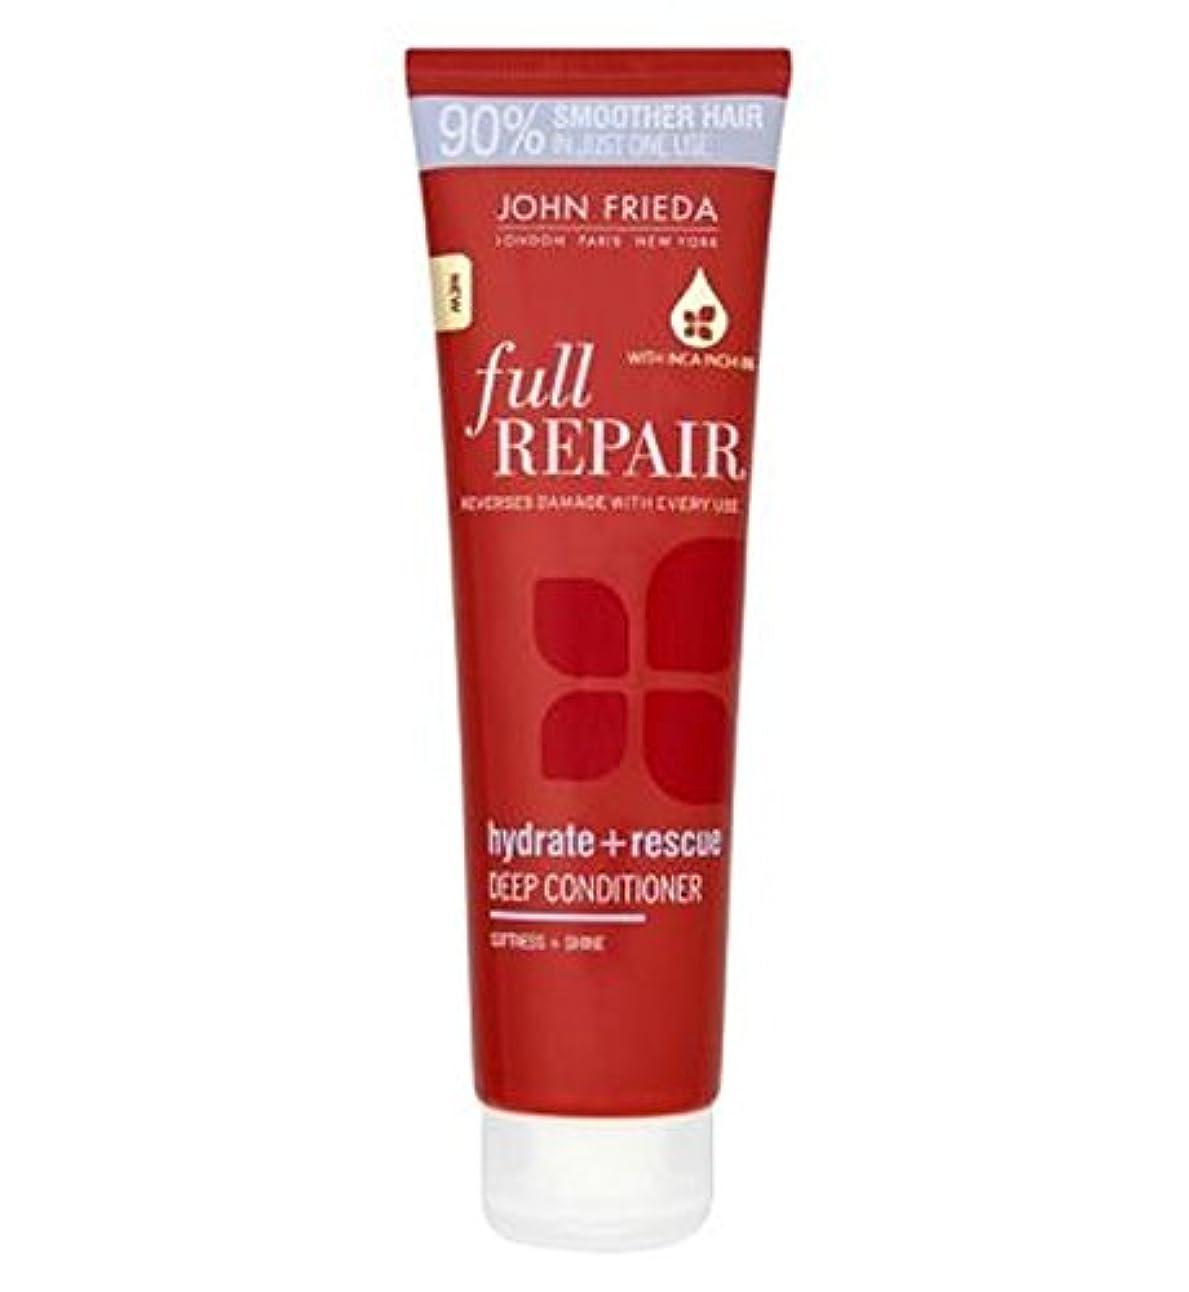 ジョン?フリーダ完全な修復水和物+救助深いコンディショナー150ミリリットル (John Frieda) (x2) - John Frieda Full Repair Hydrate + Rescue Deep Conditioner...